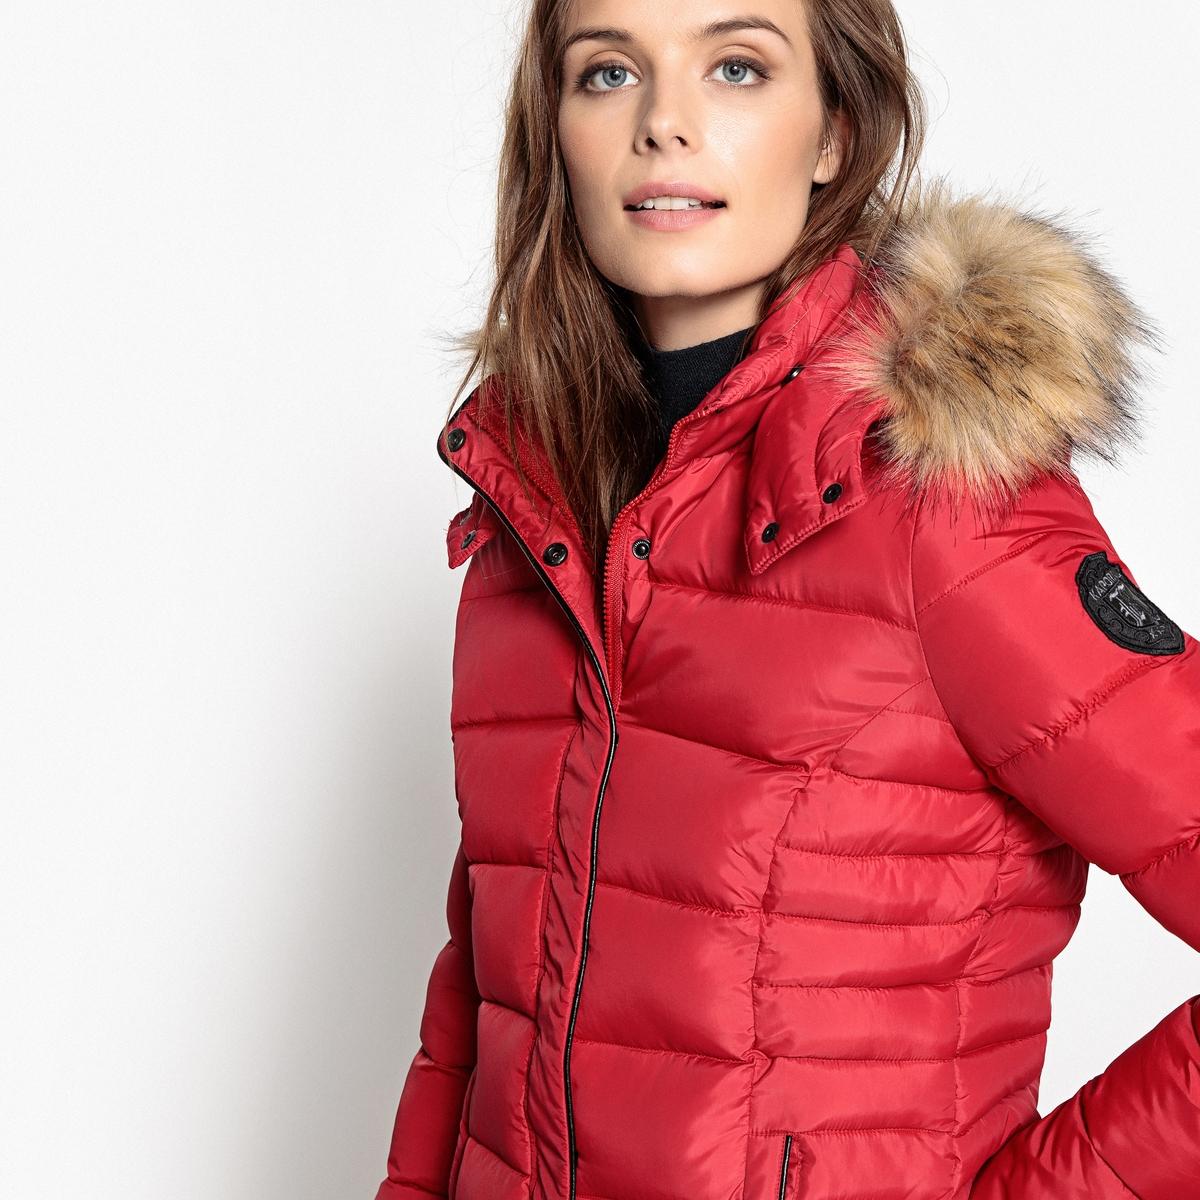 Куртка стеганая с капюшономДетали •  Длина  : средняя  •  Капюшон  •  Застежка на молнию •  С капюшоном Состав и уход •  100% полиэстер •  Следуйте советам по уходу, указанным на этикетке<br><br>Цвет: бордовый,синий морской,черный<br>Размер: XL.L